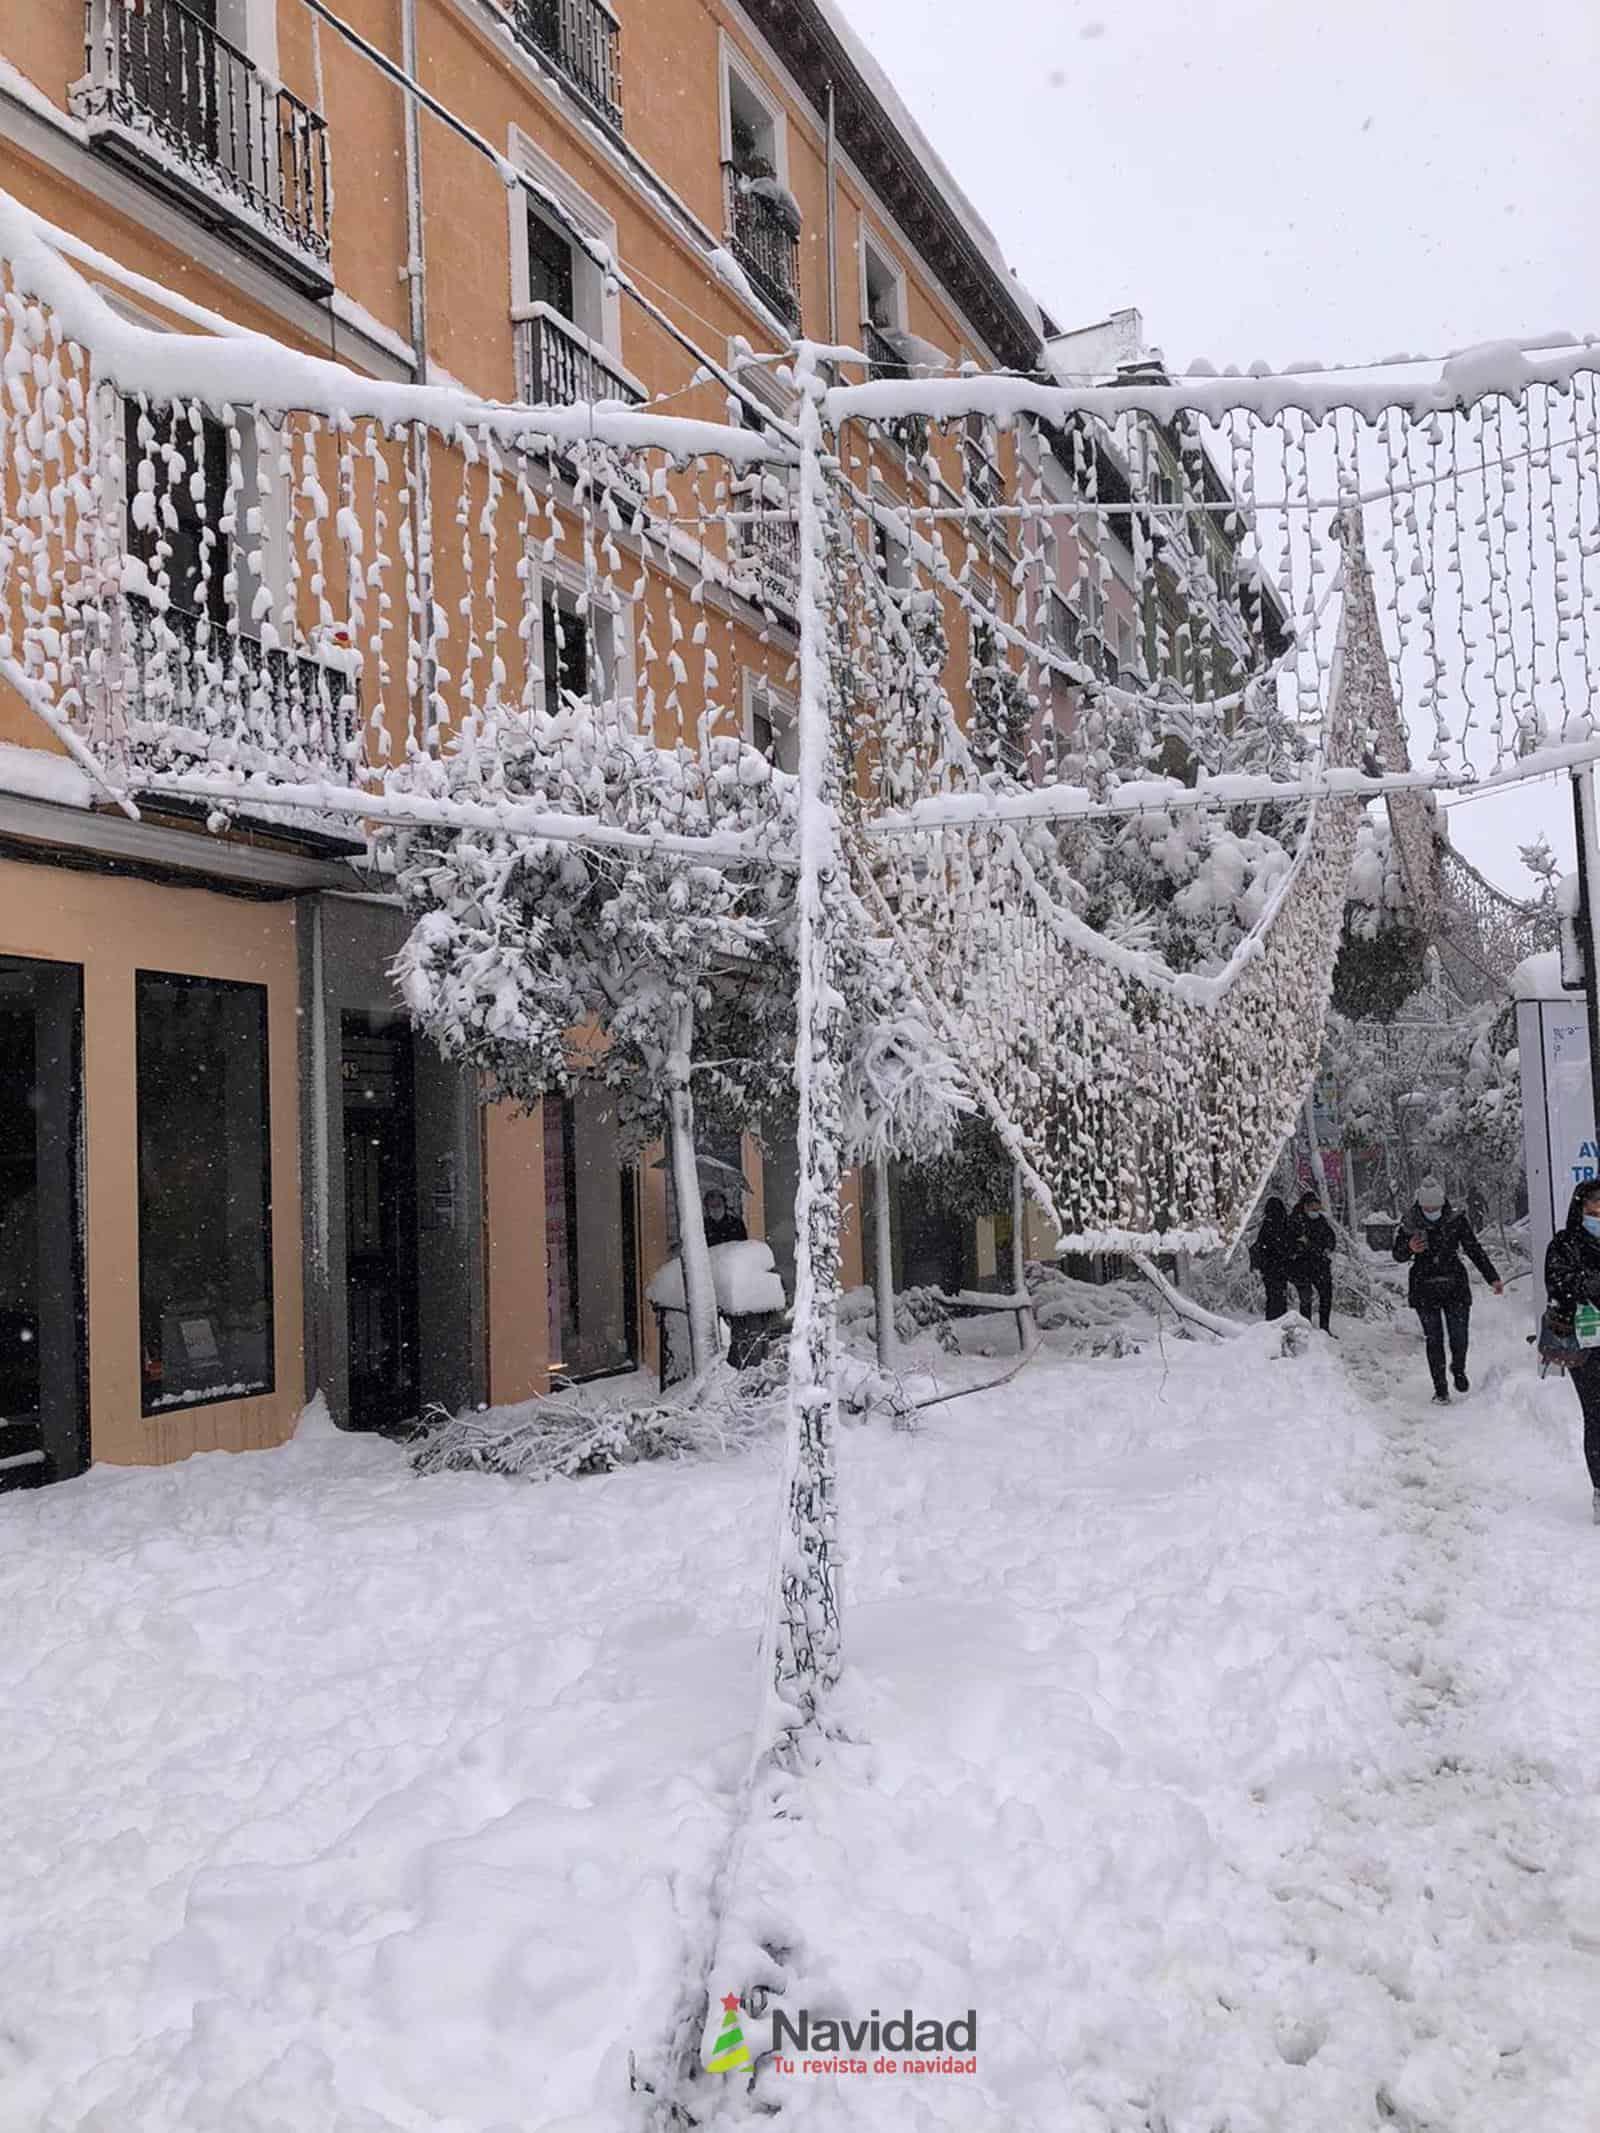 Fotografías de la nevada de enero en Madrid (España) 173